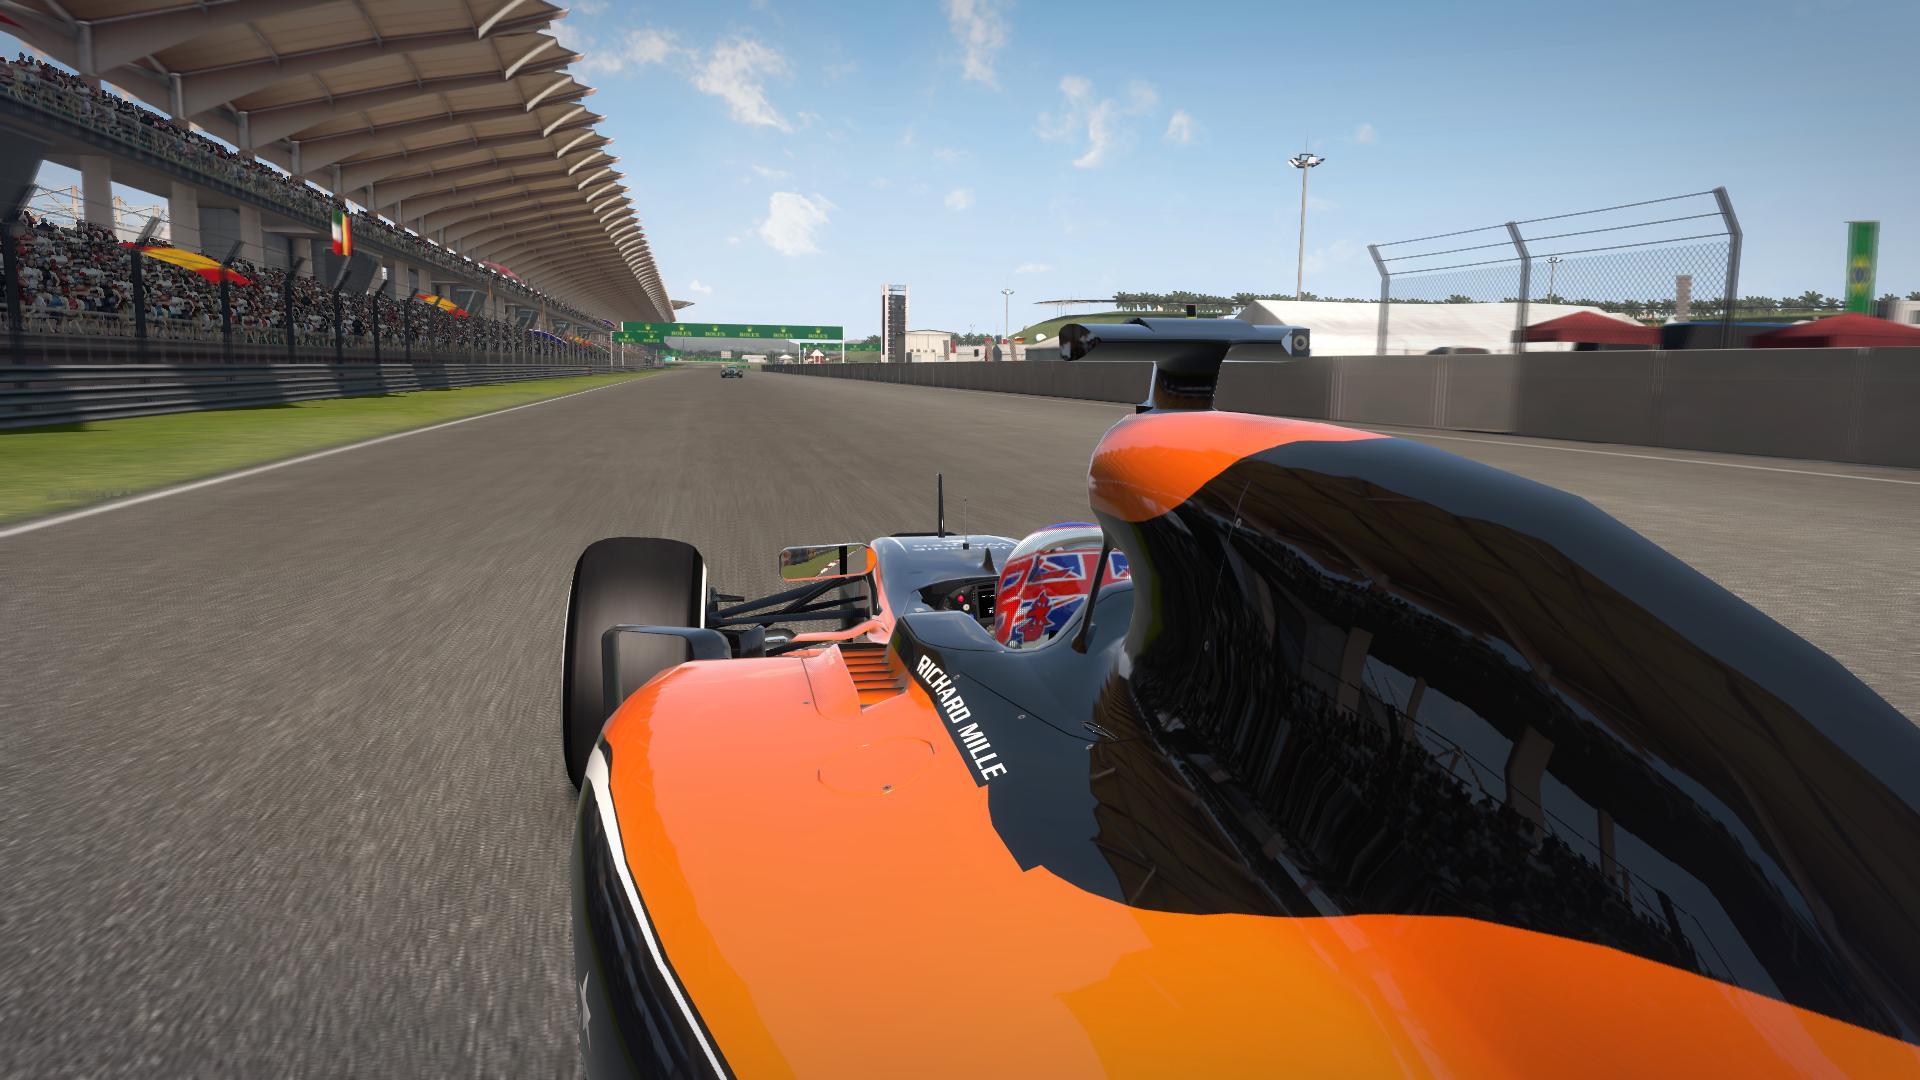 F1_2014 2017-05-05 16-32-29-46.jpg